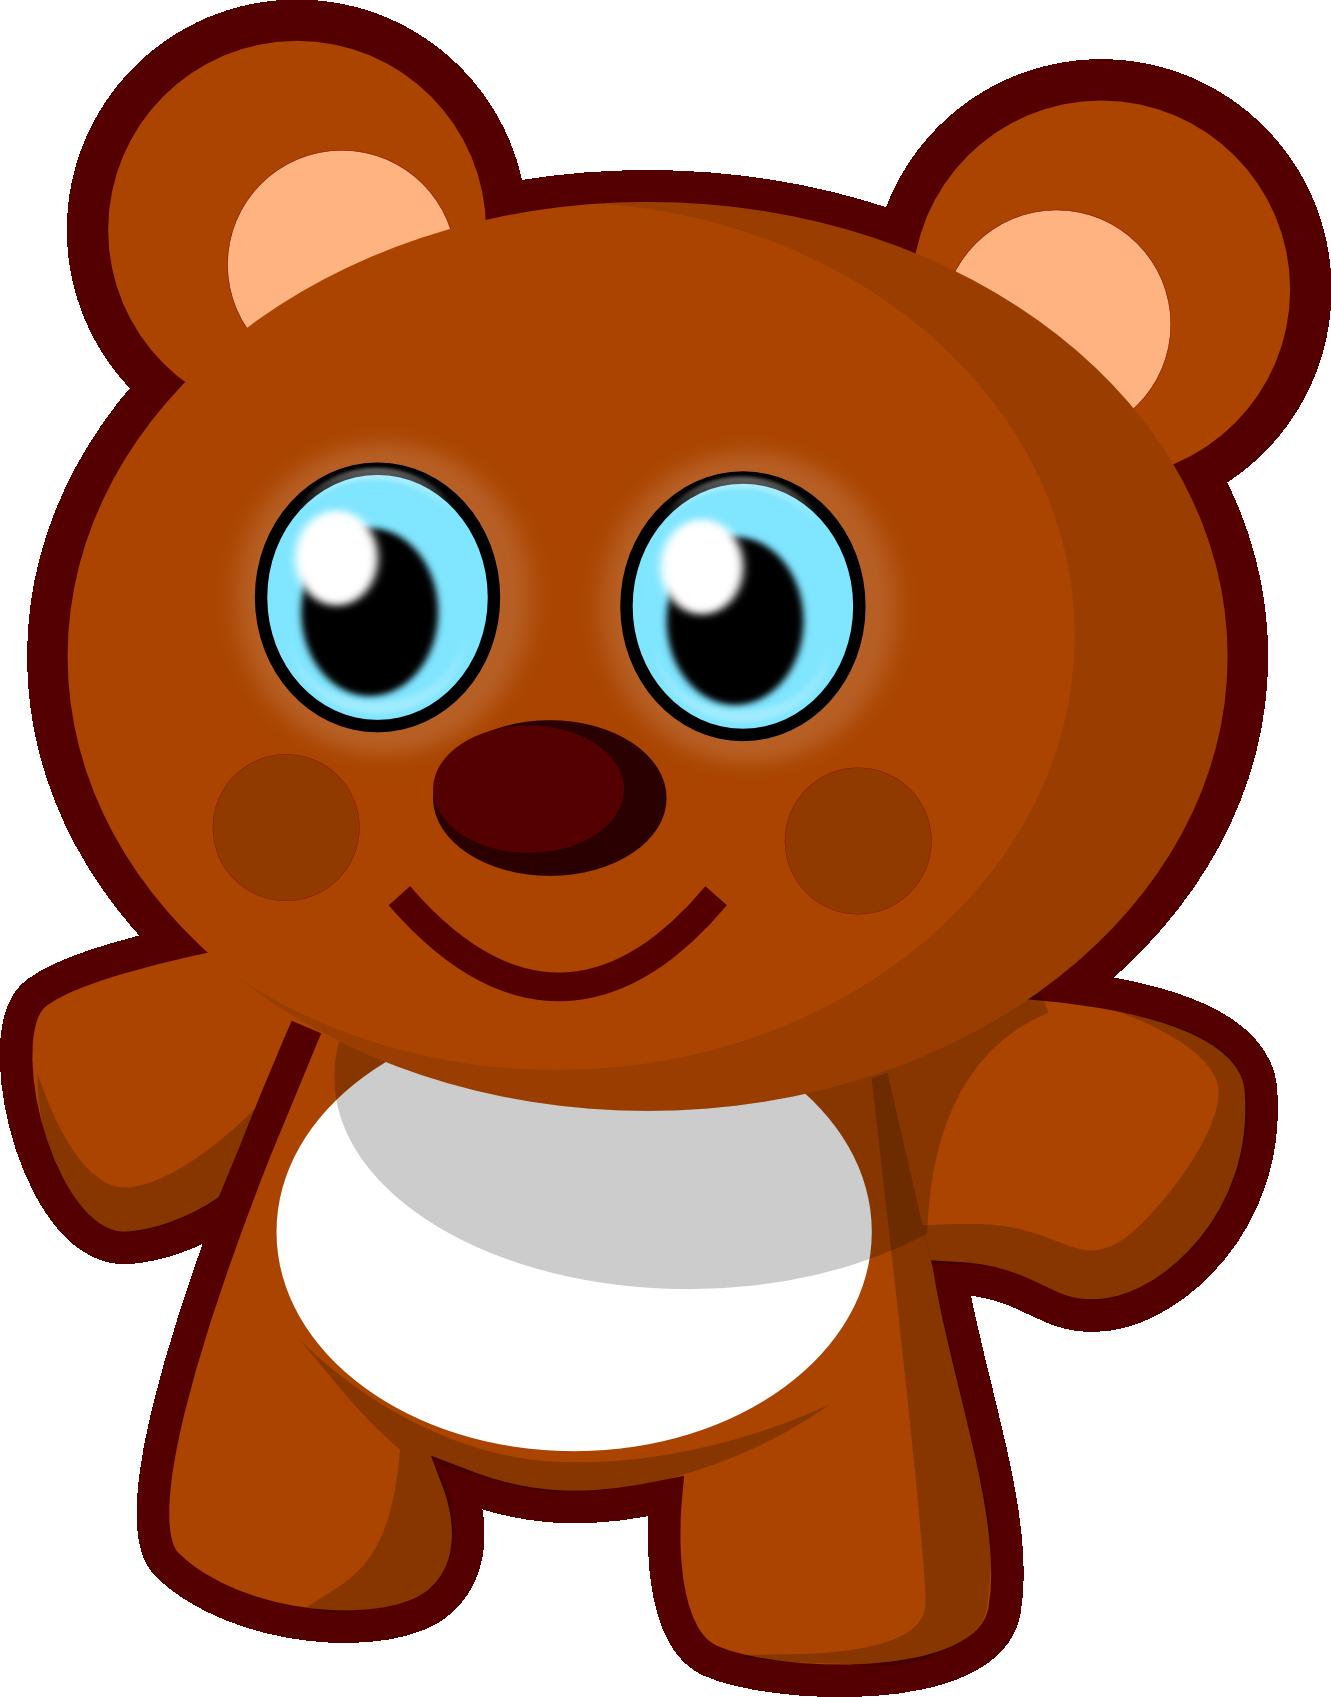 Teddy bear clip art. Ham clipart face